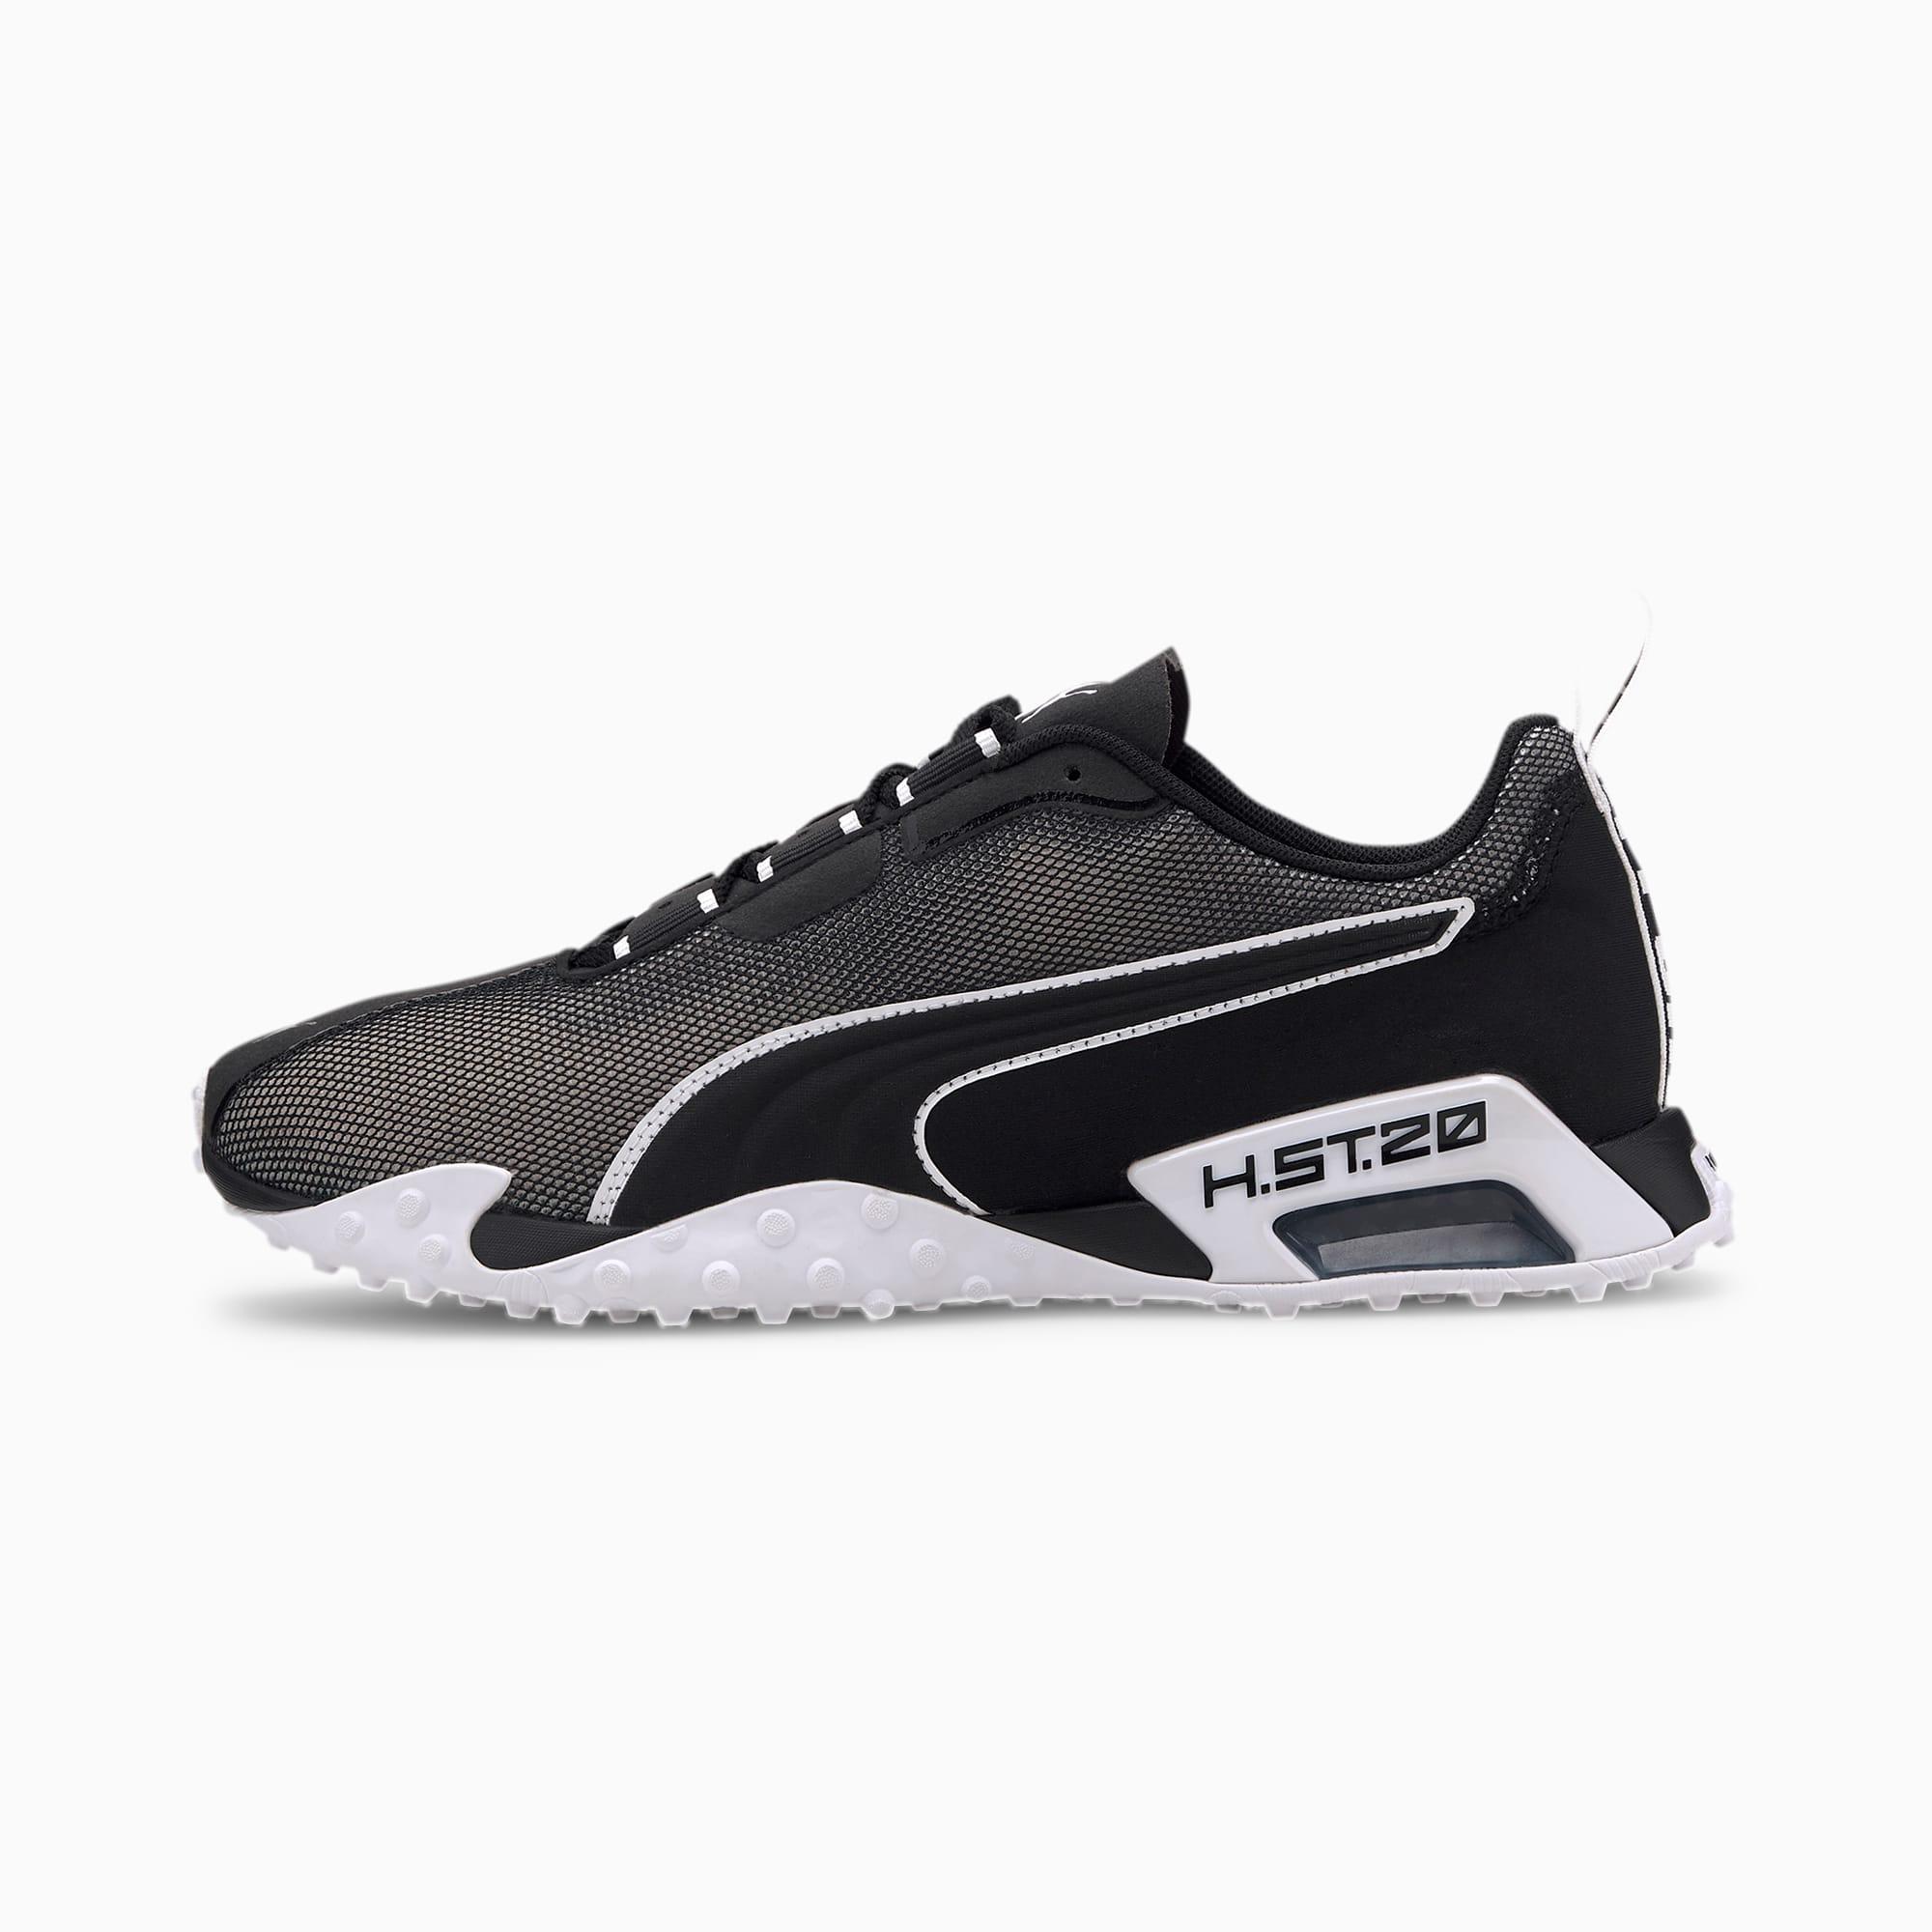 PUMA Chaussure de course H.ST.20, Noir/Blanc, Taille 42.5, Chaussures